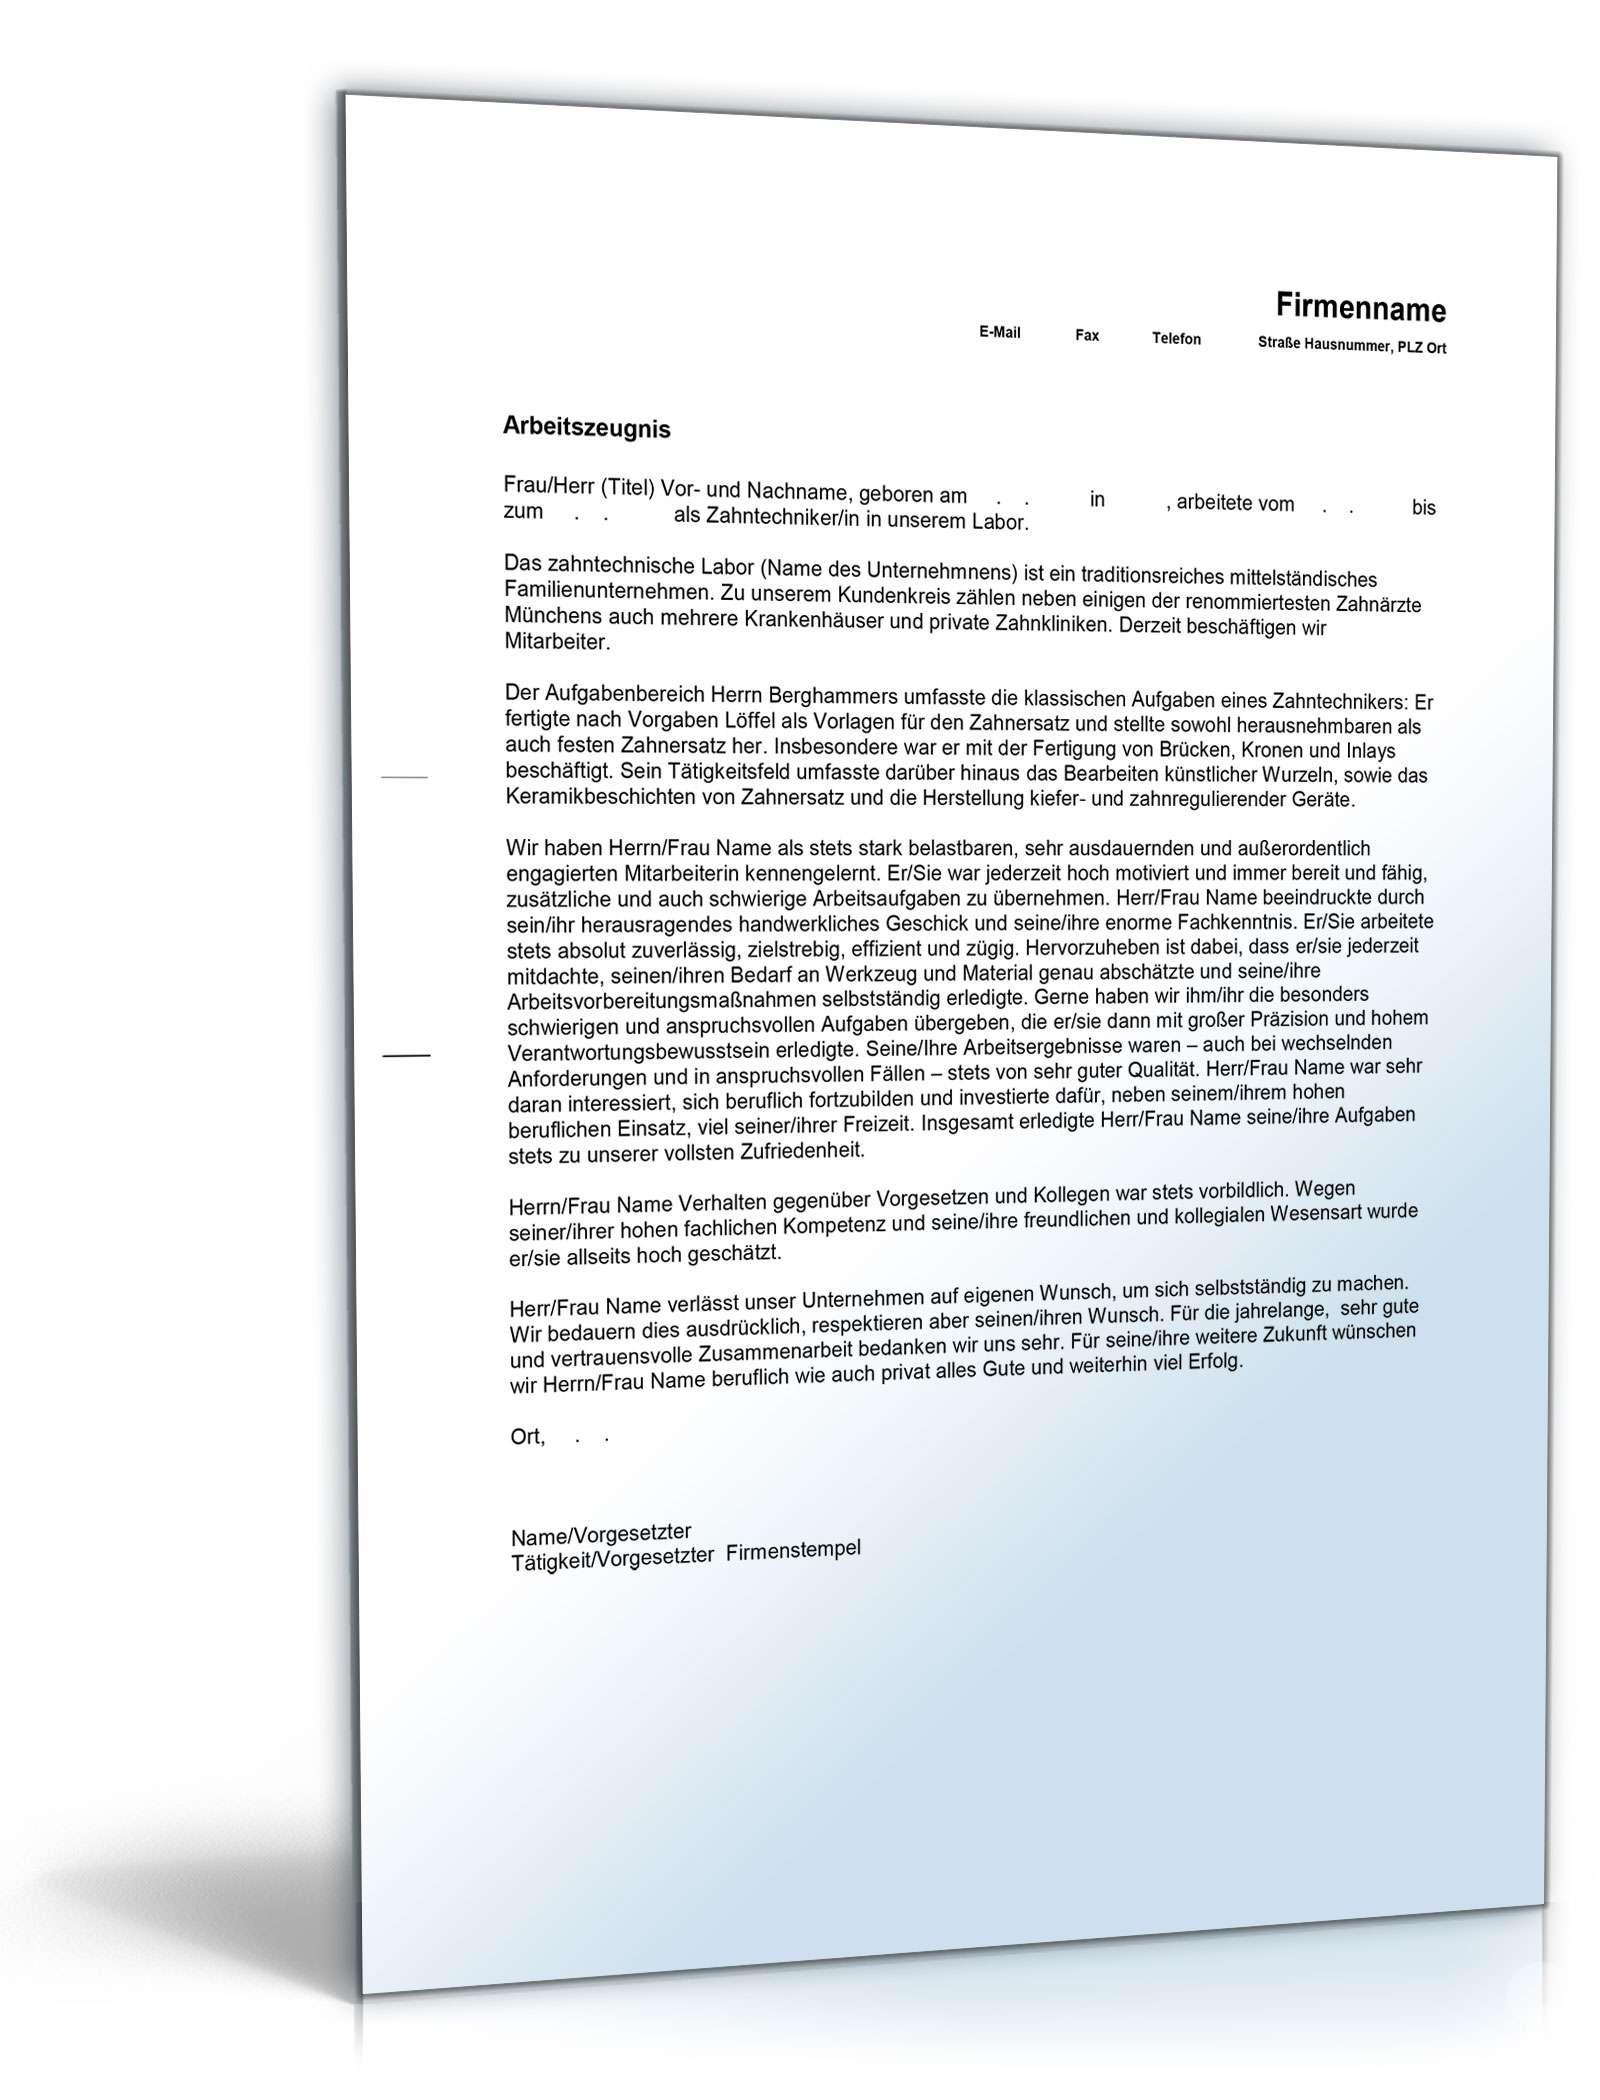 Niedlich Aktualisiere Lebenslauf Für Interne Werbung Galerie - Ideen ...